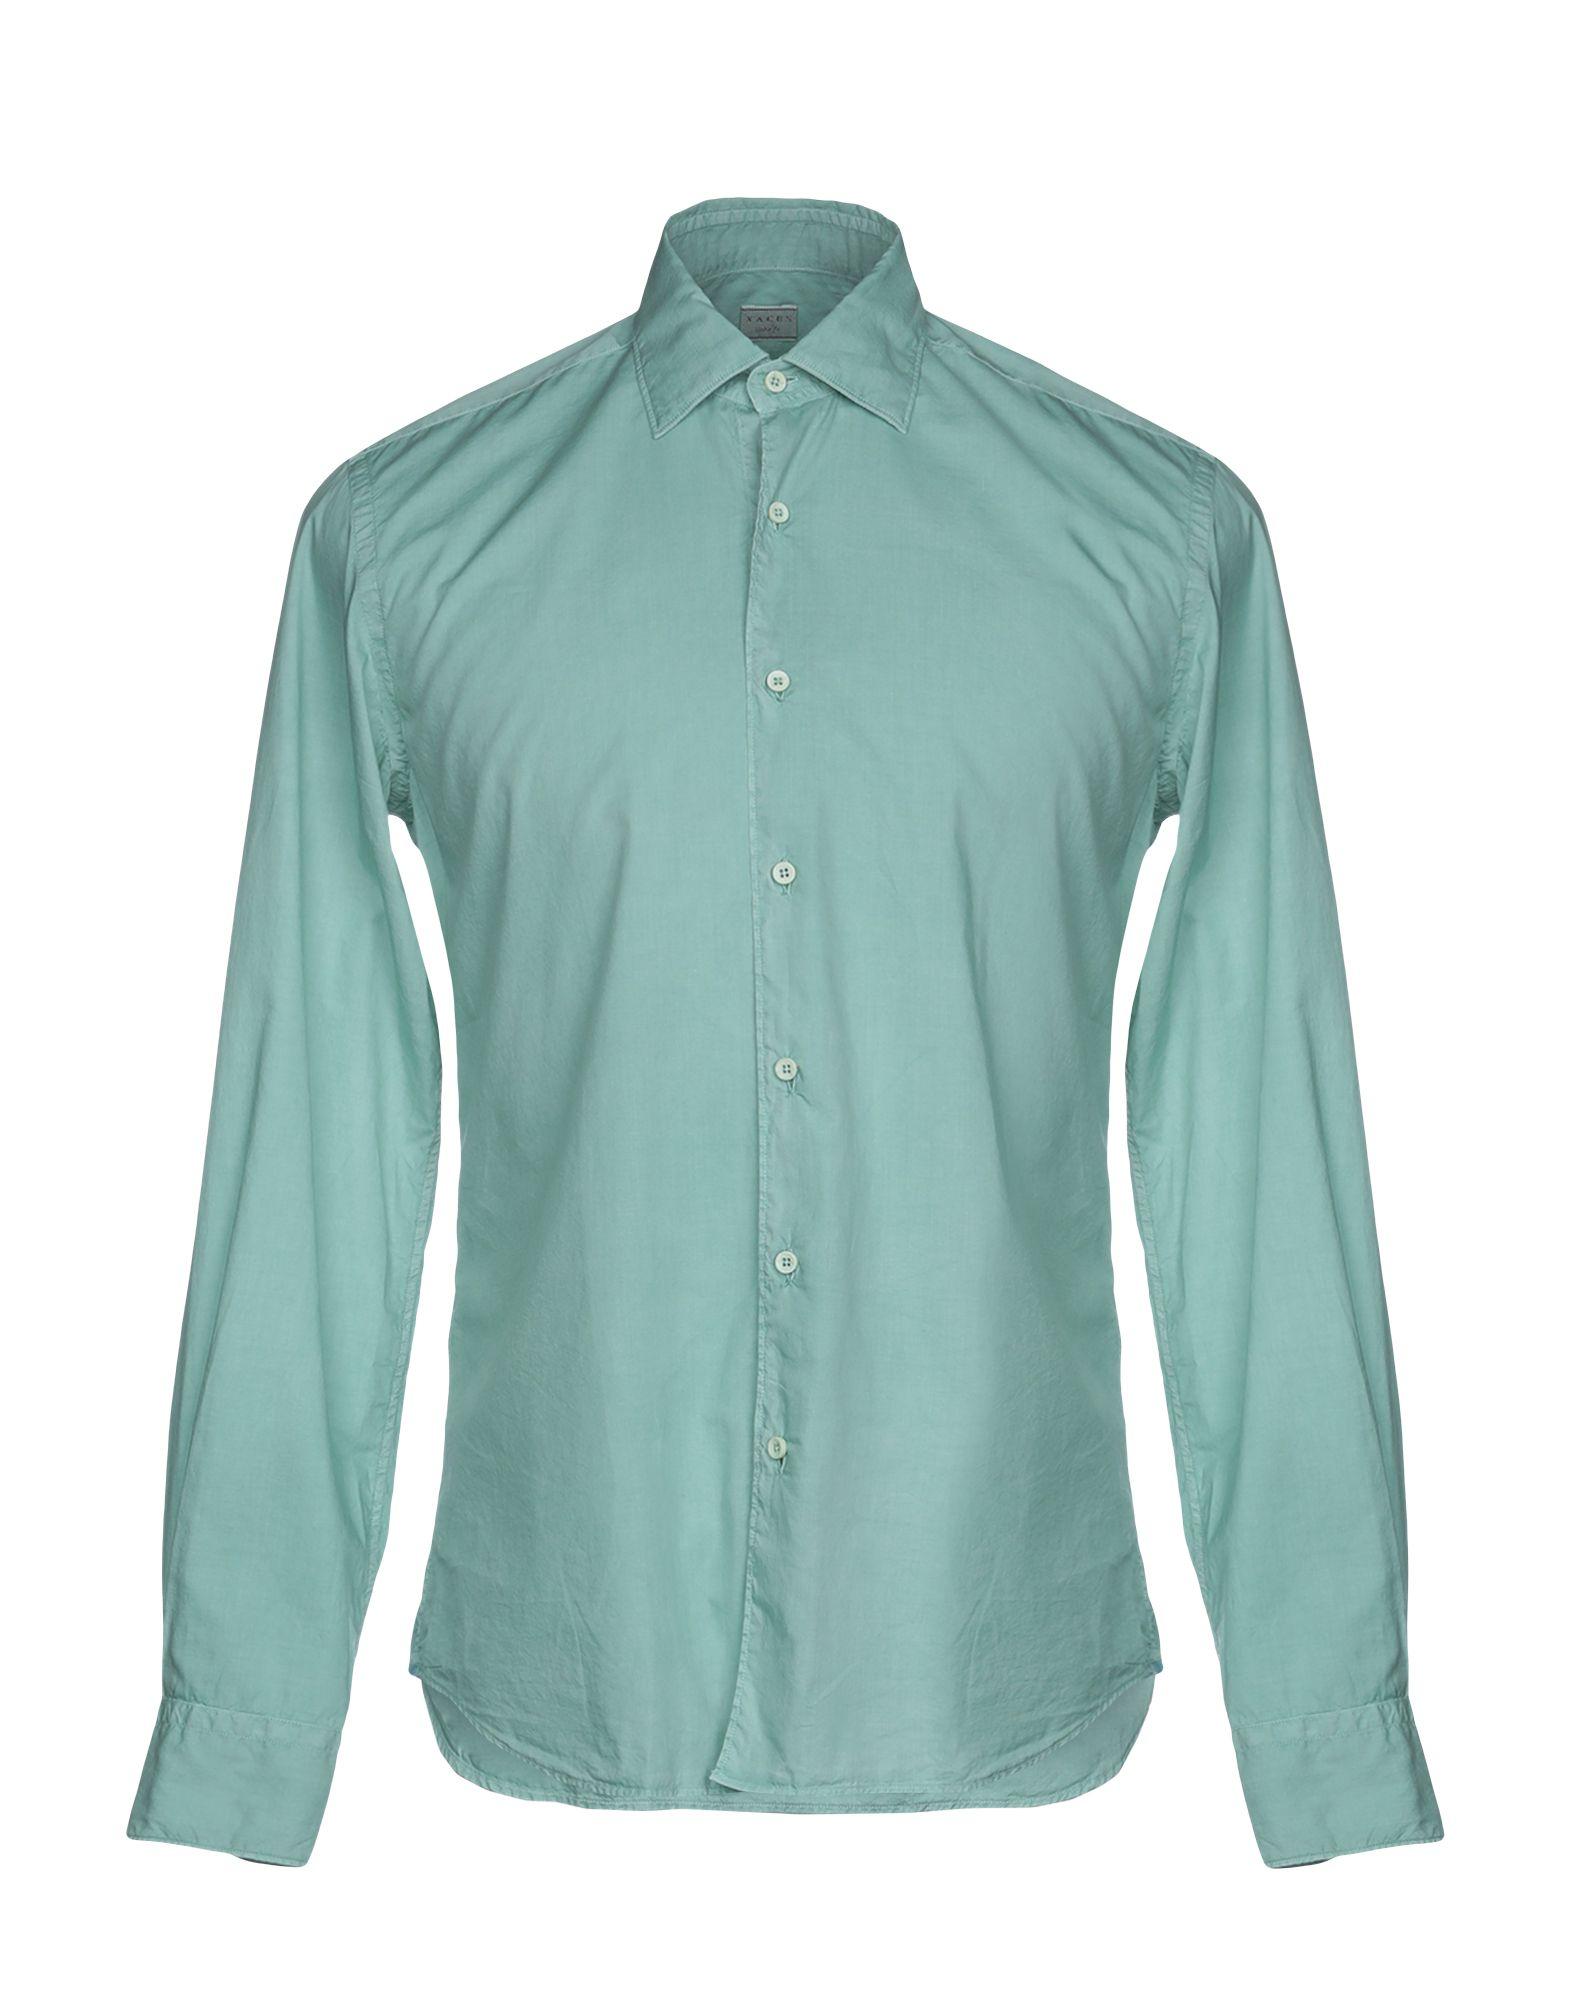 《送料無料》XACUS メンズ シャツ ライトグリーン 38 コットン 100%